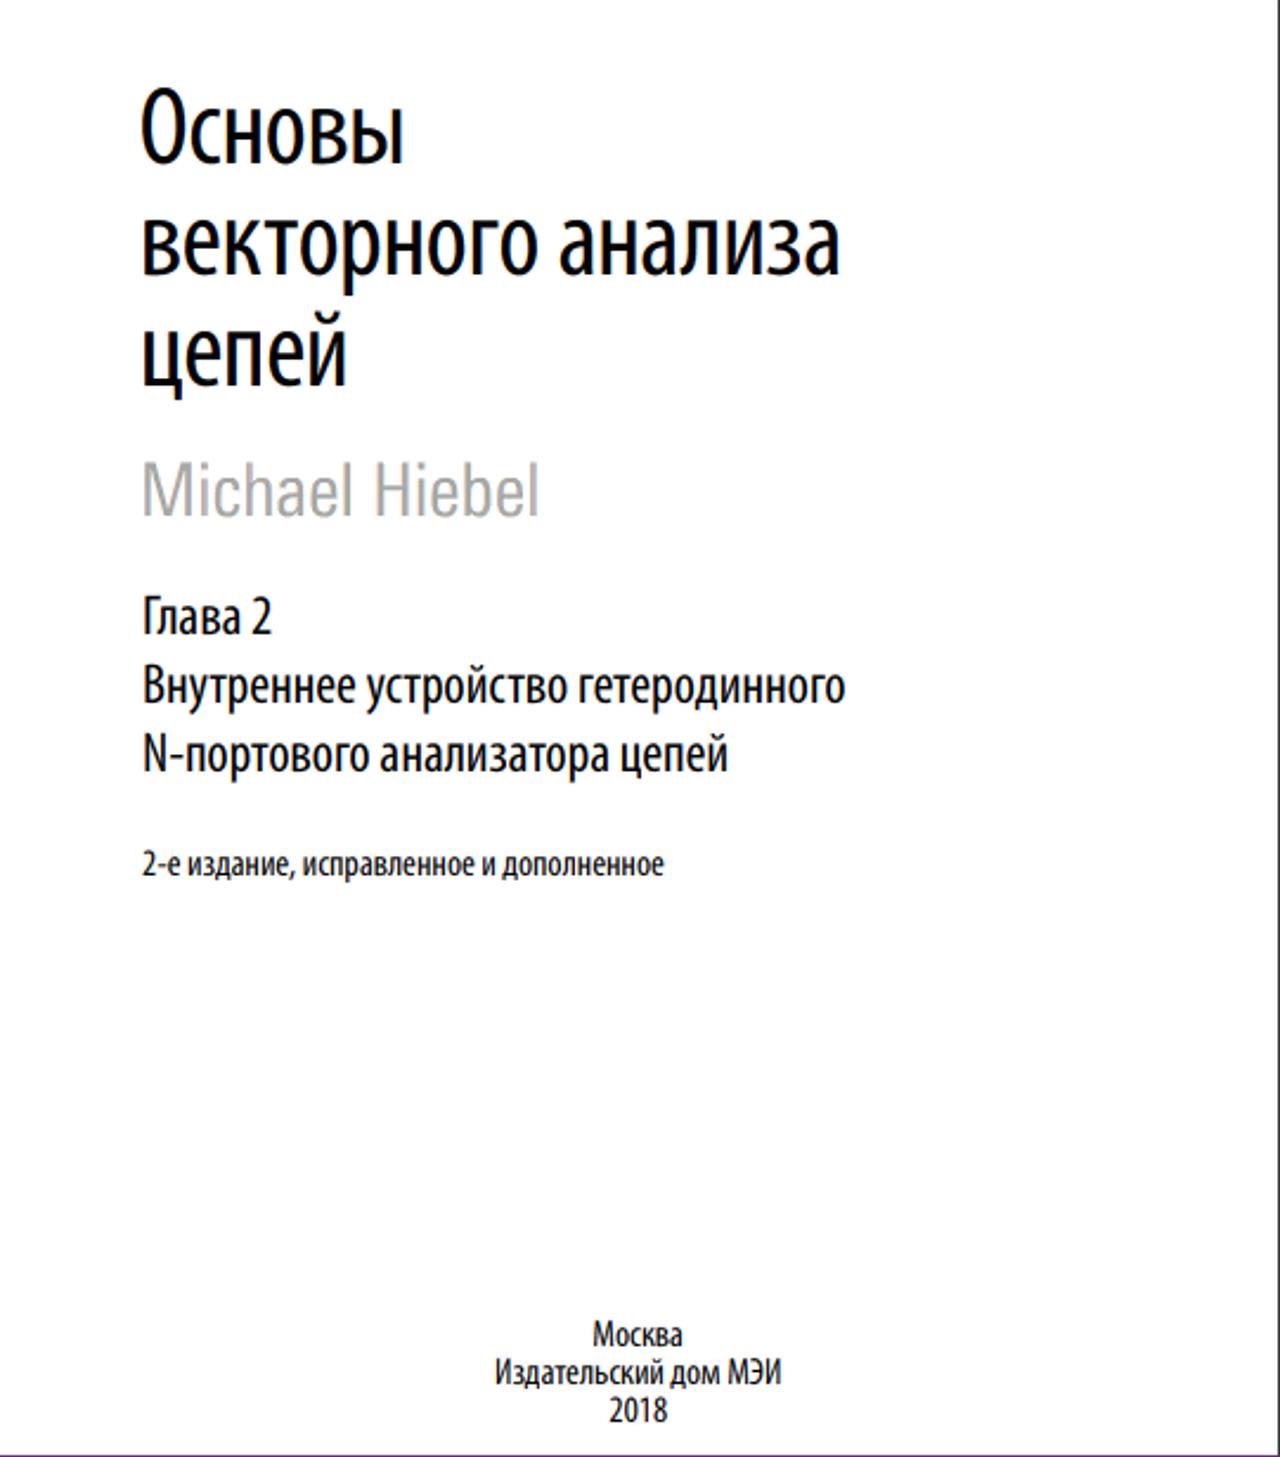 Книга «Основы векторного анализа цепей» Michael Hiebel